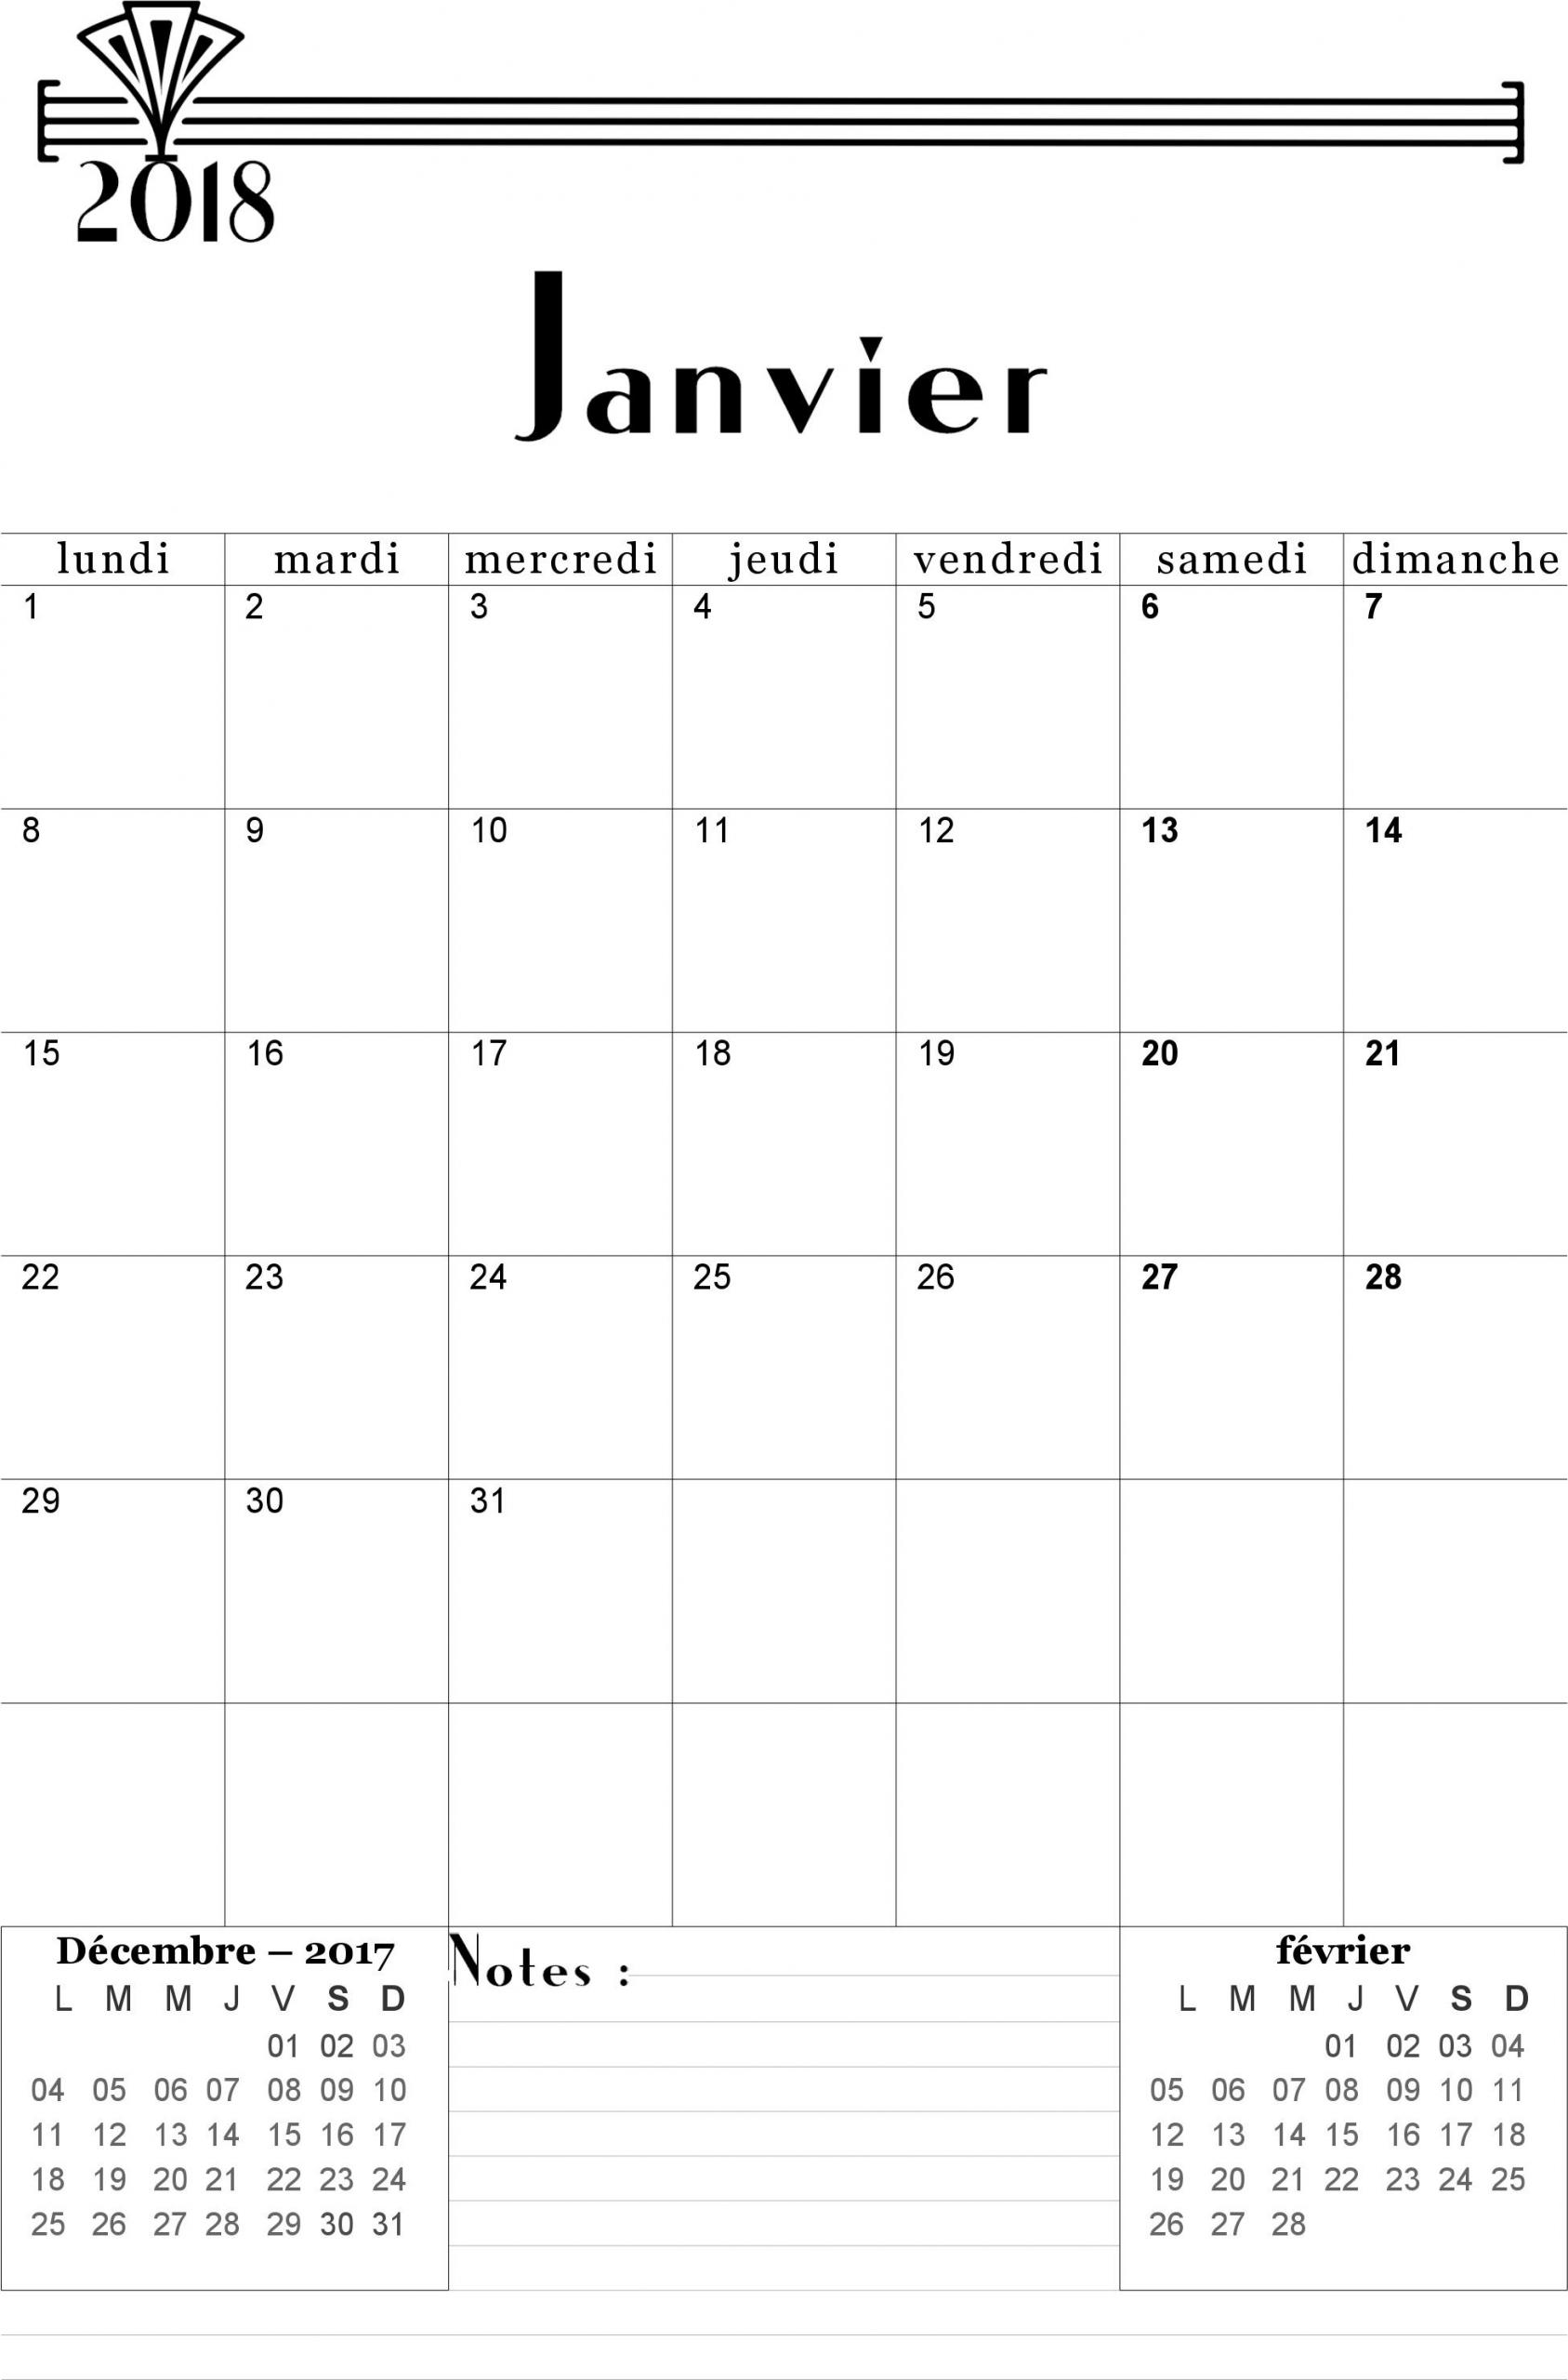 Calendrier Janvier 2018 À Imprimer Gratuitement serapportantà Calendrier 2018 À Télécharger Gratuit